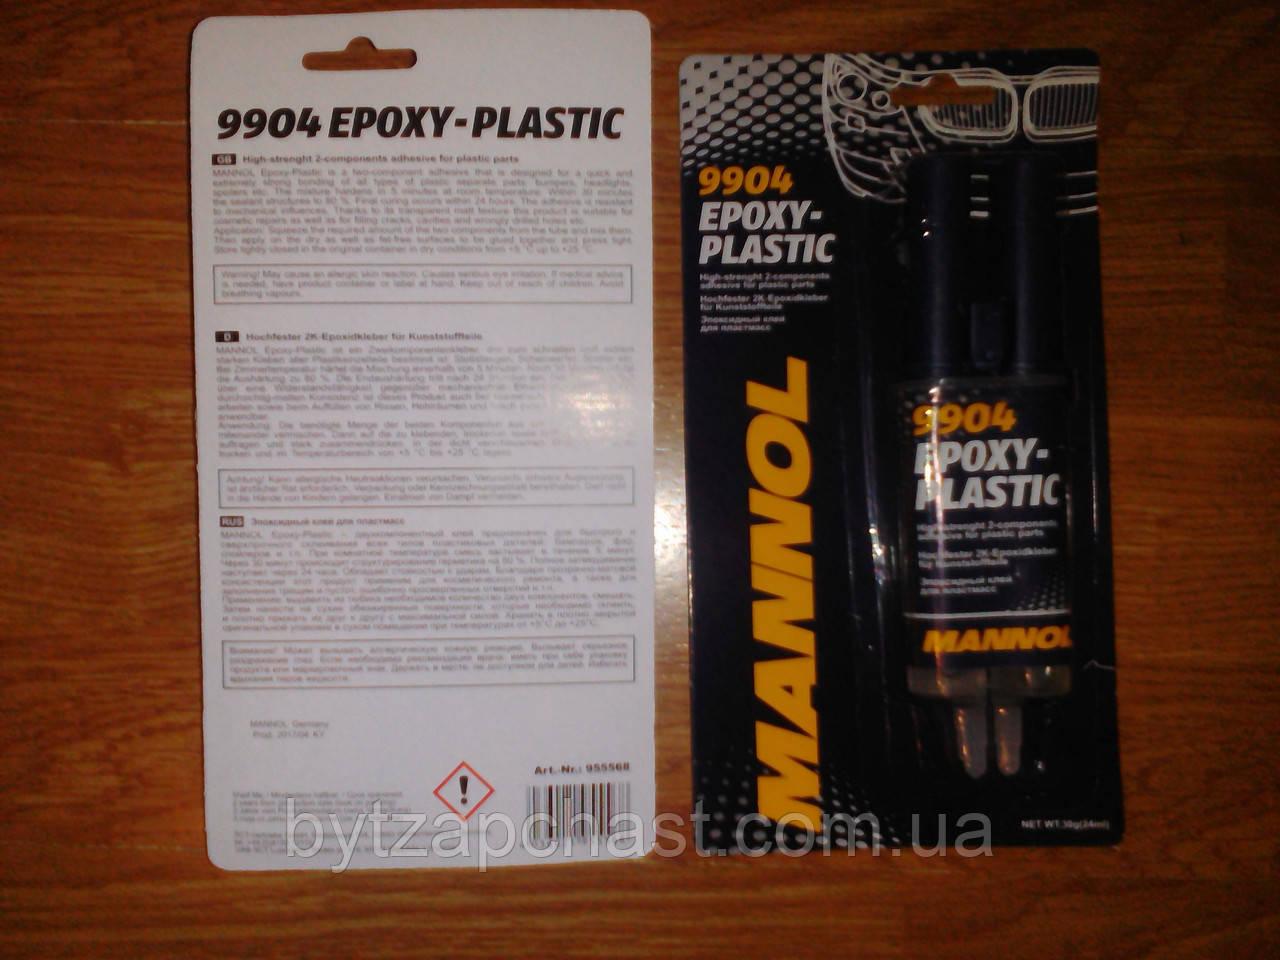 Epoxi - Plast / Клей для пластмас  30 g - БытЗапчасть в Харькове